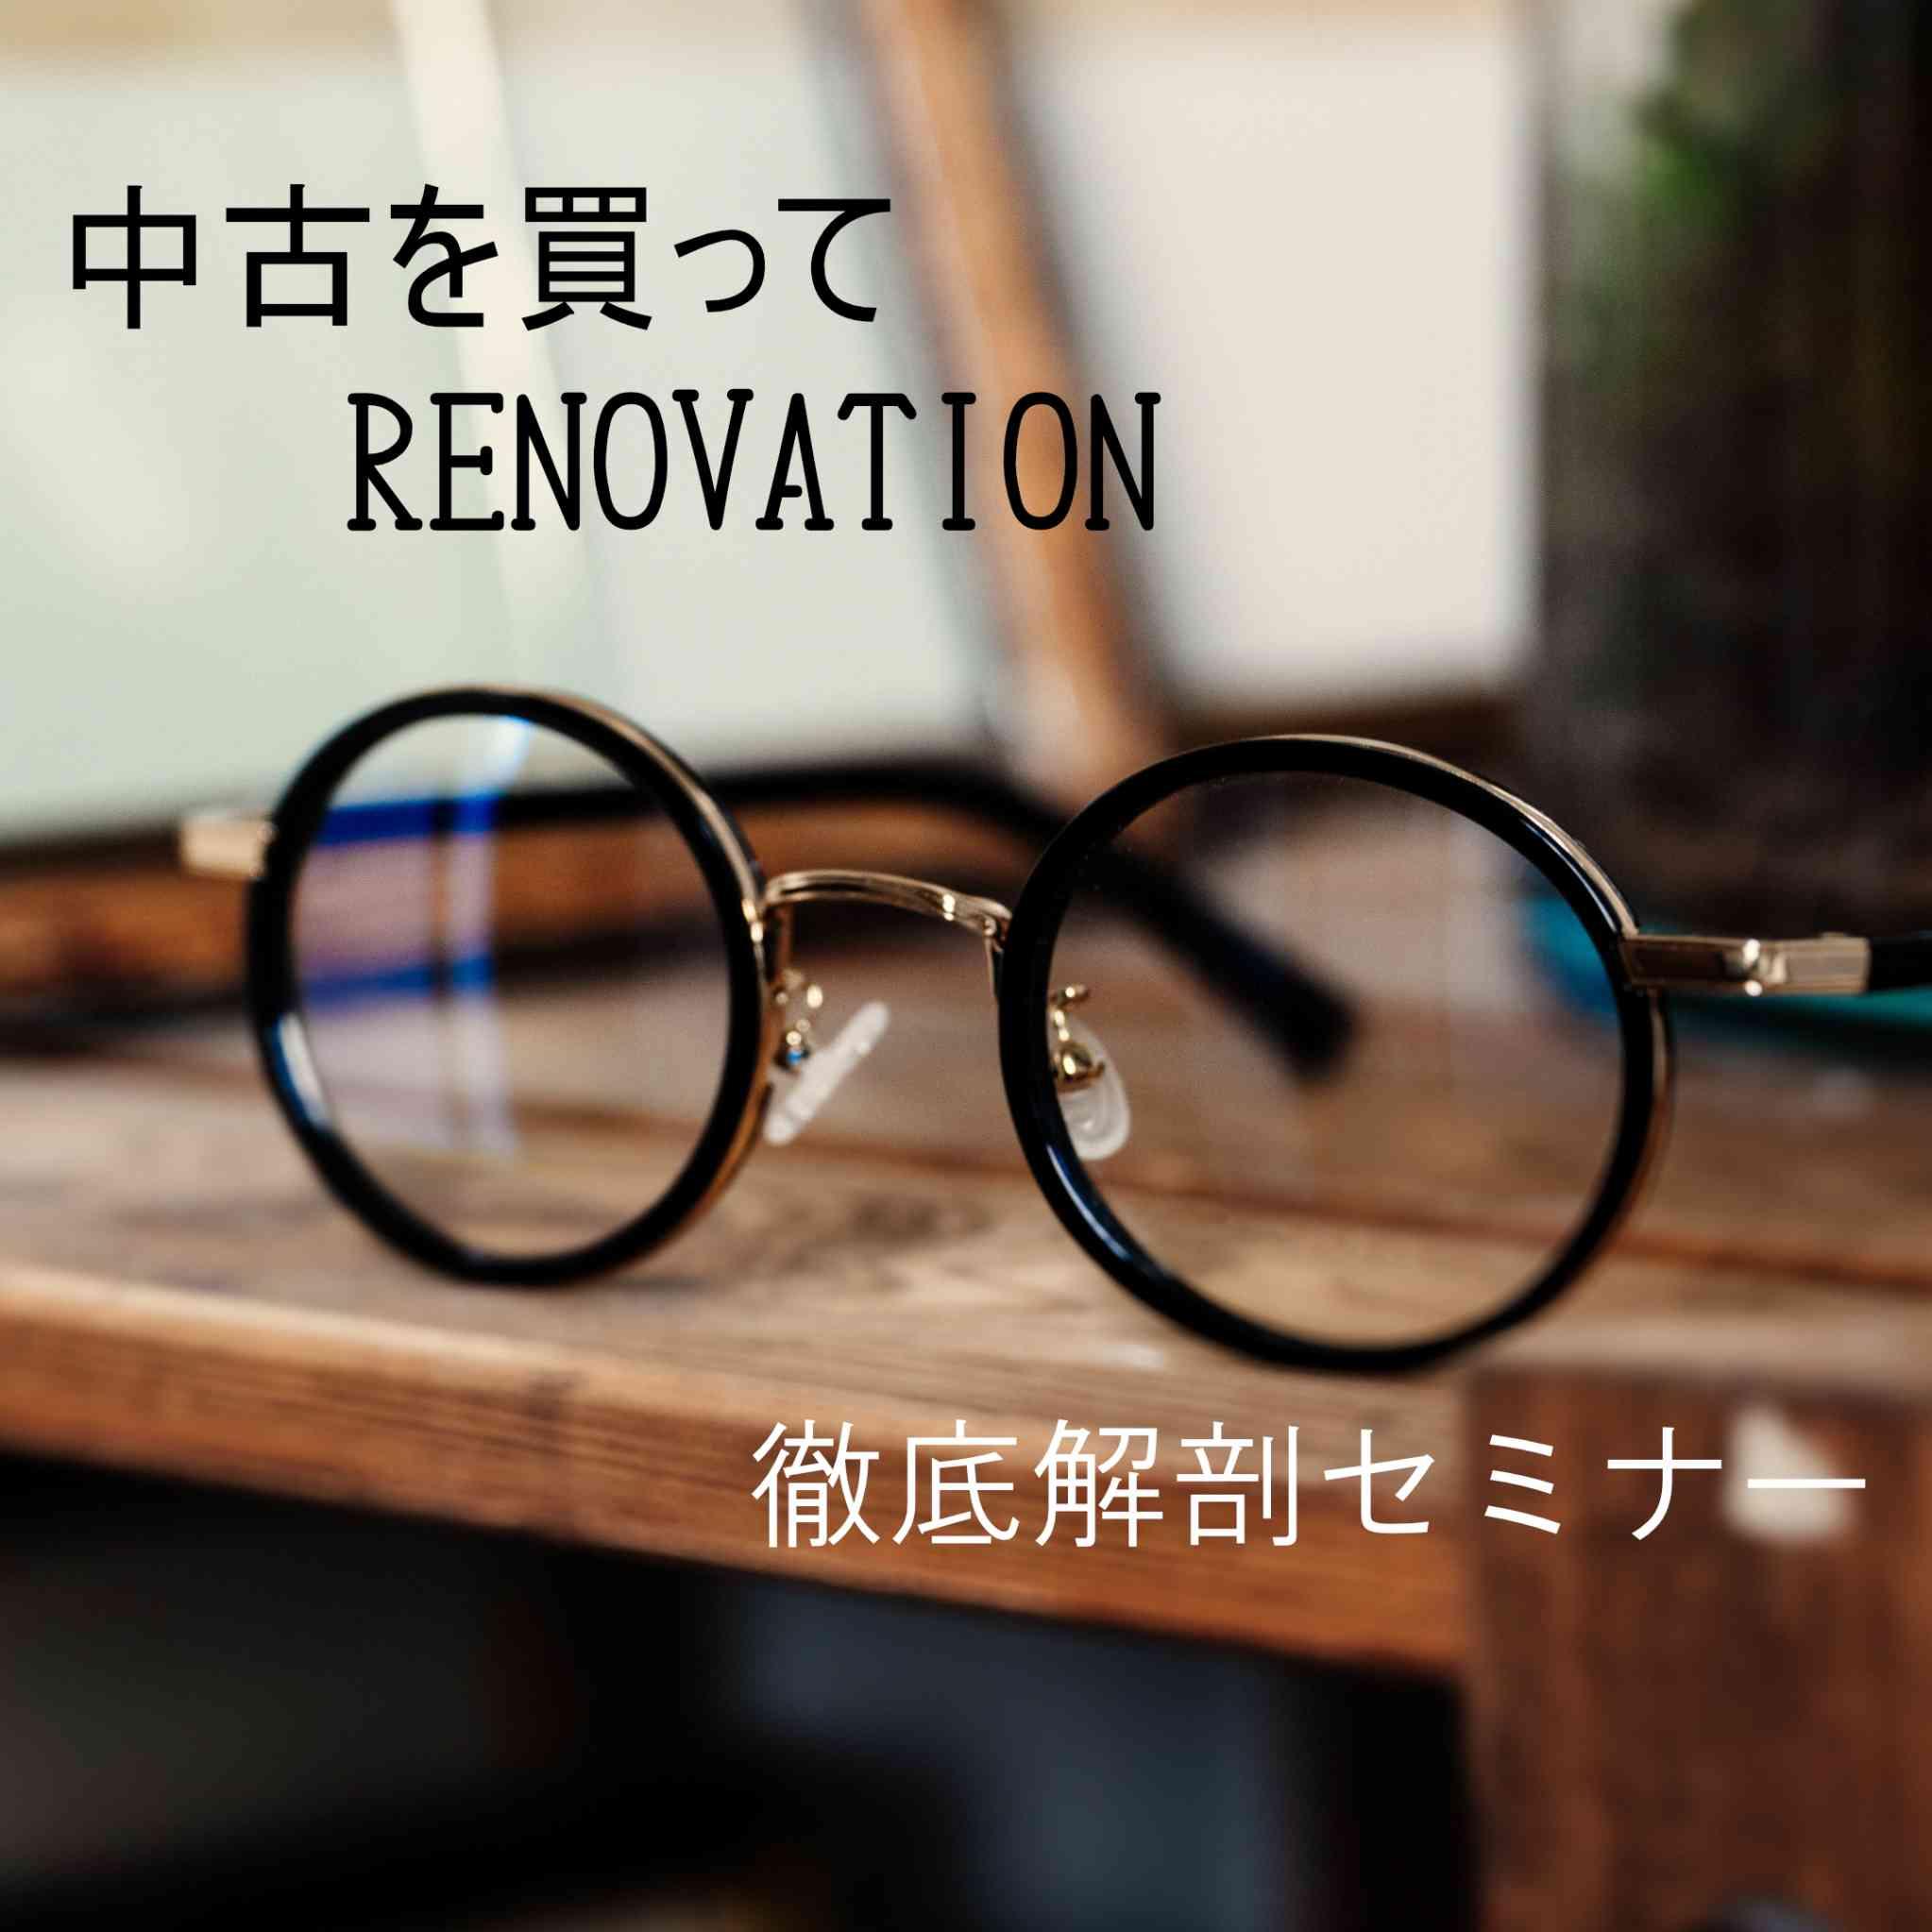 『中古を買ってリノベーション』セミナー